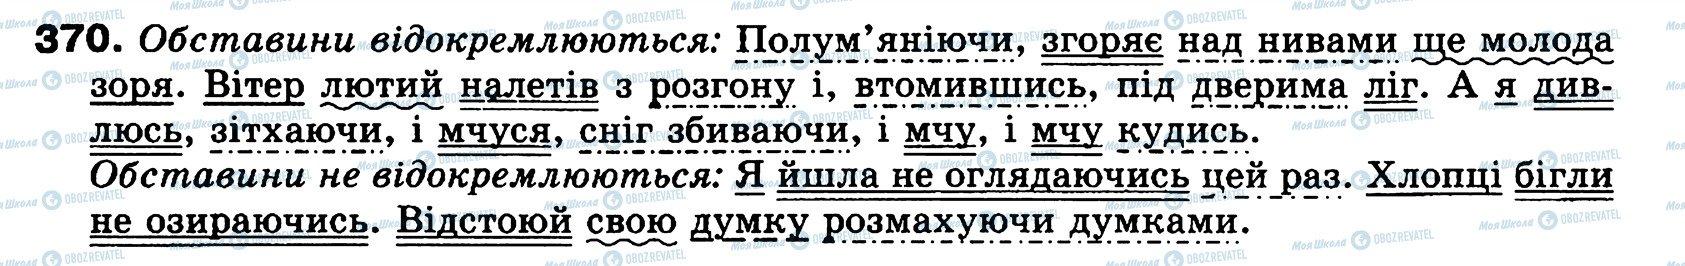 ГДЗ Українська мова 8 клас сторінка 370